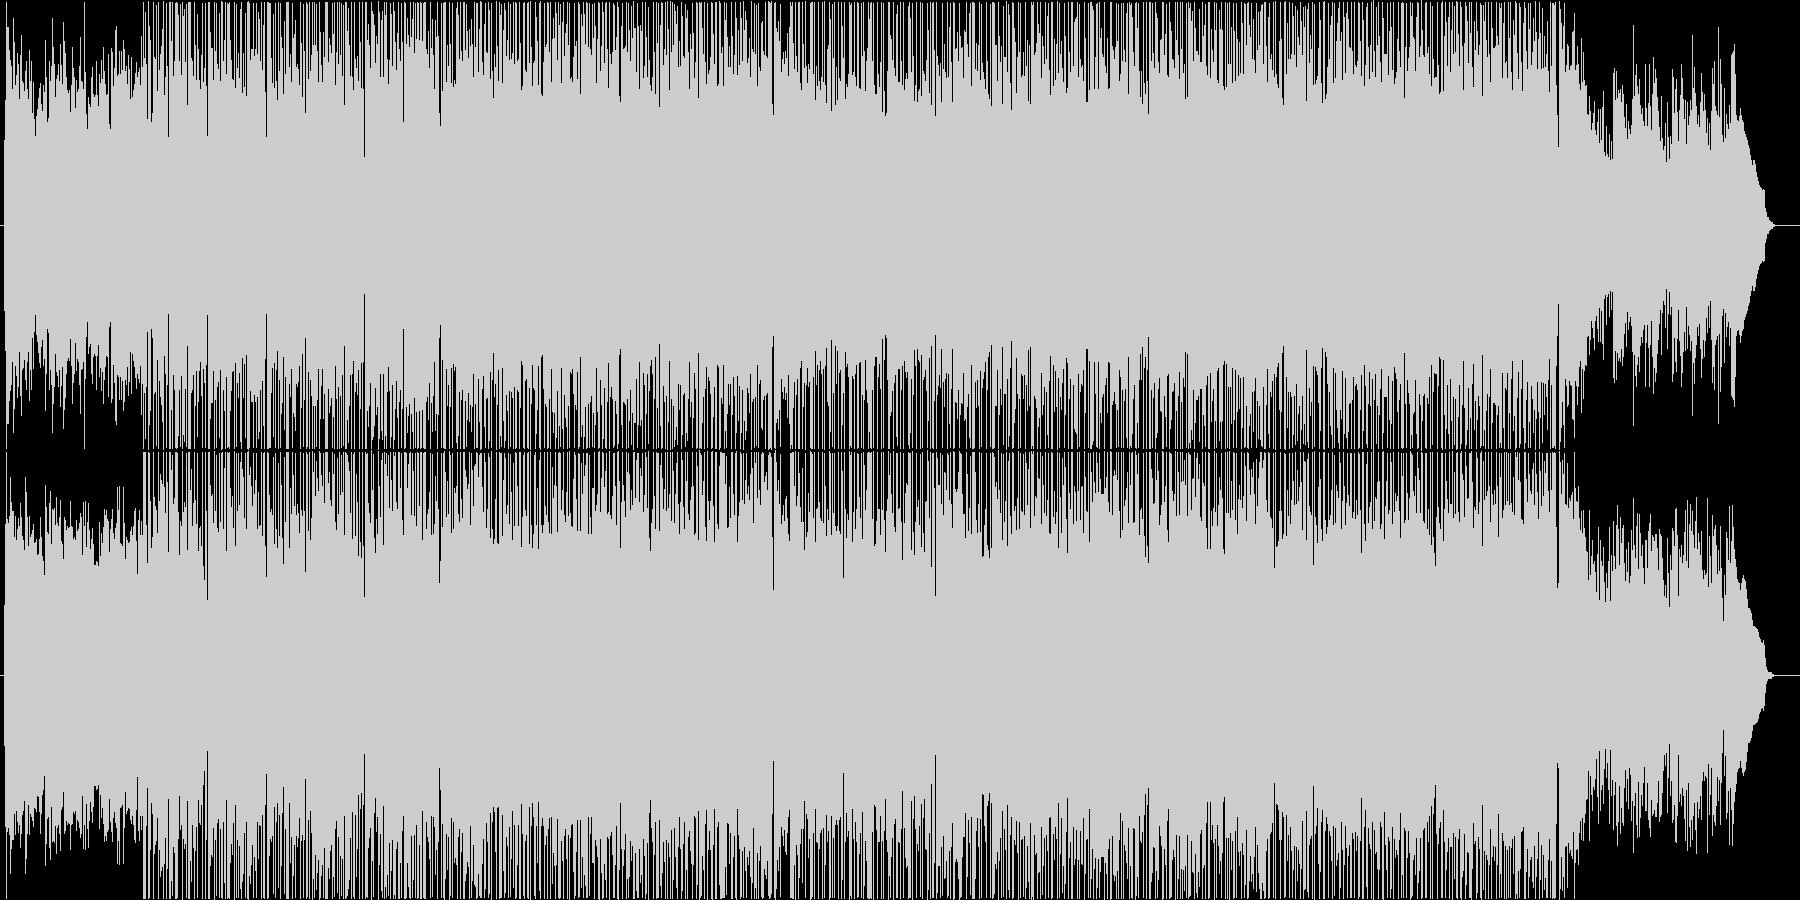 春から初夏をイメージしたアコギ曲の未再生の波形